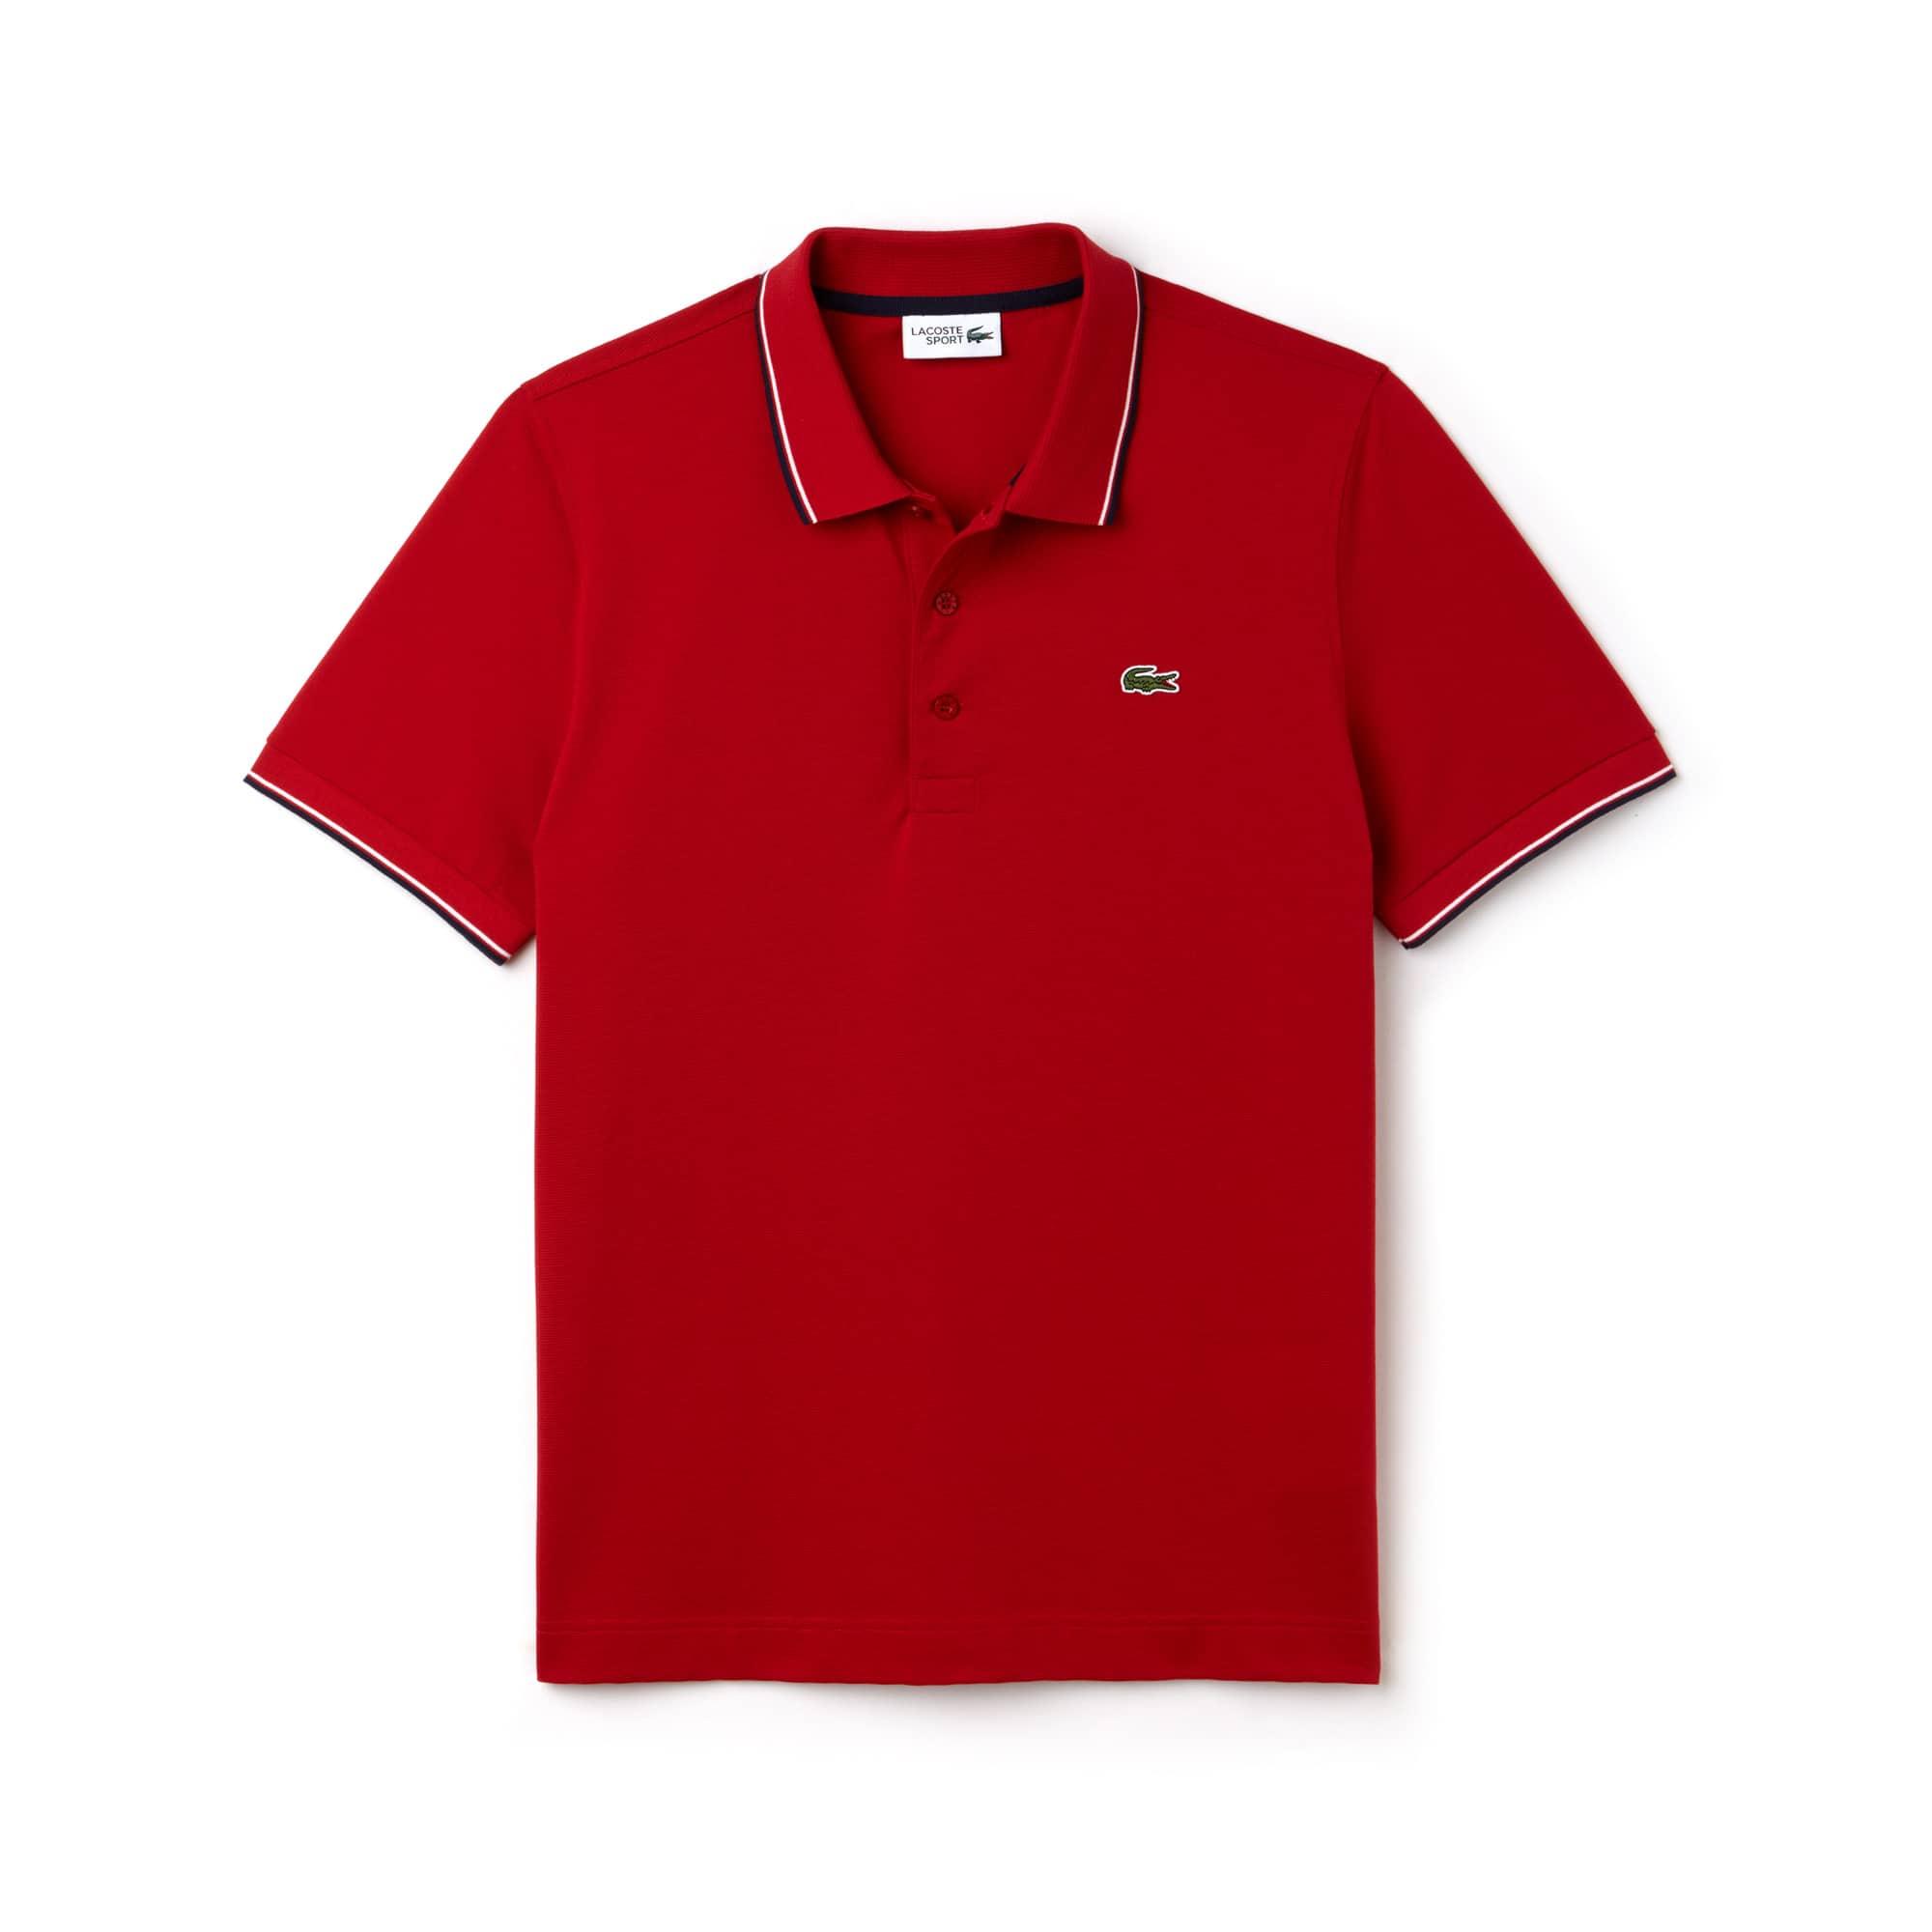 f0d16356ab Camisa Polo Lacoste SPORT Masculina em Malha Ultraleve com Acabamento em  Vivo